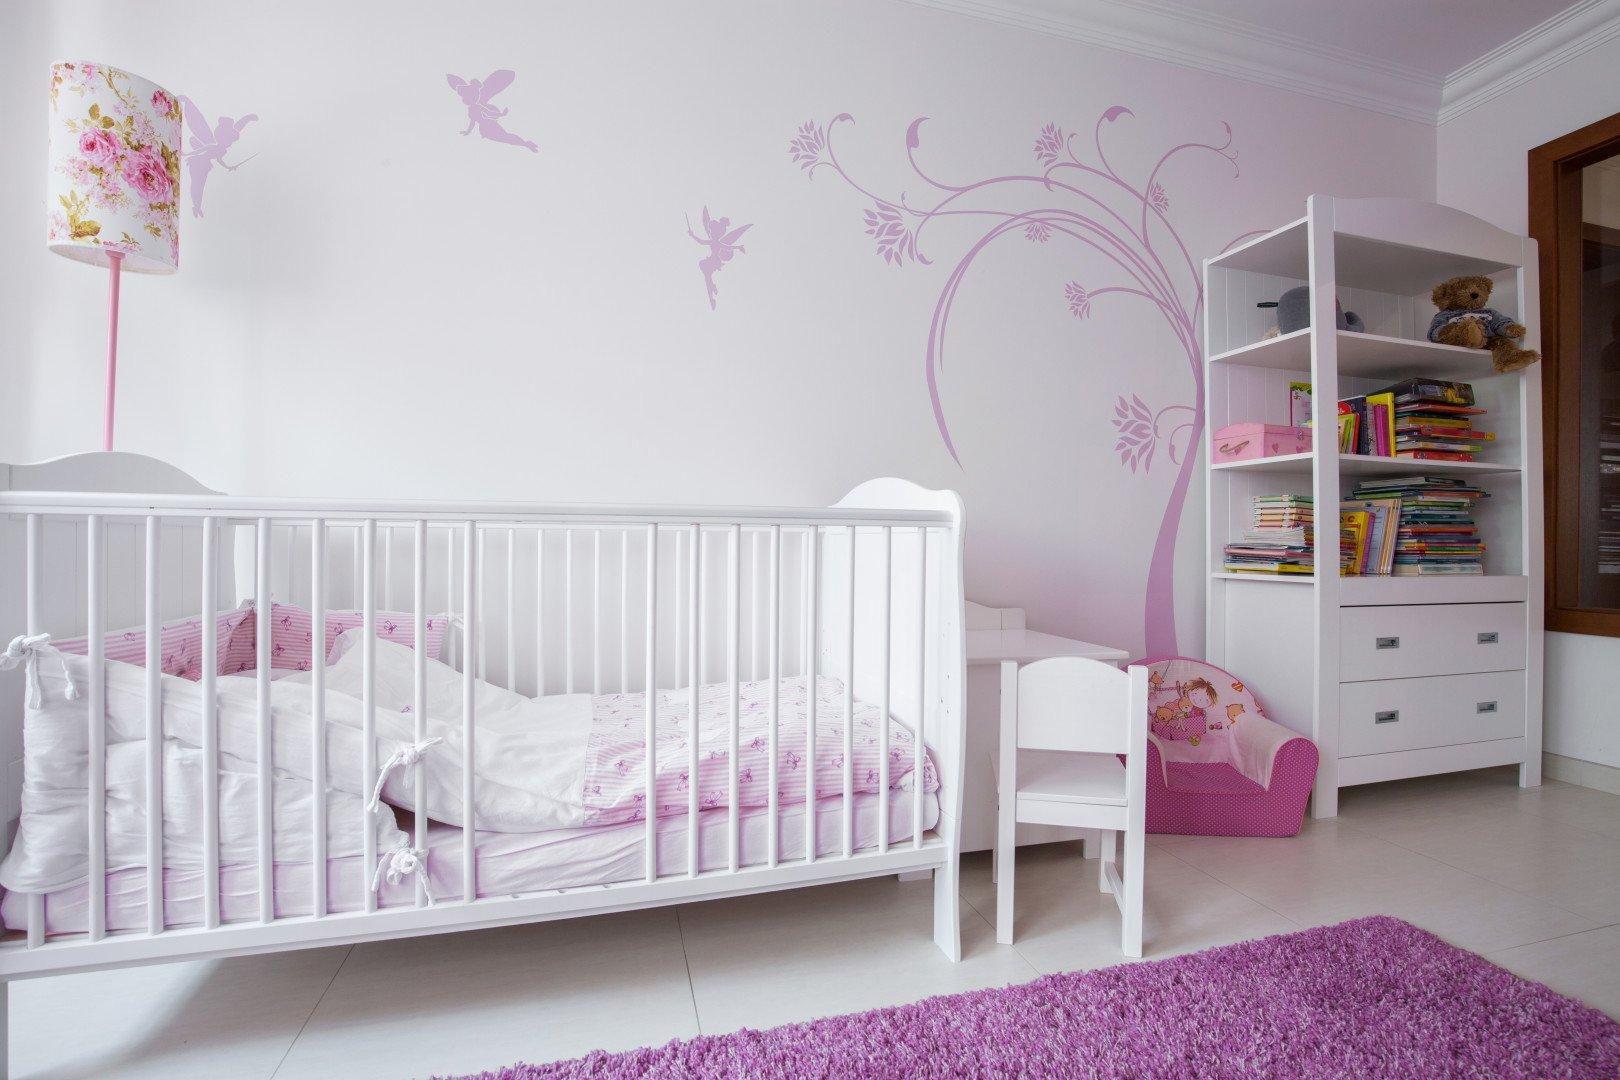 Full Size of Kinderzimmer Was Sollte Man Beim Einrichten Beachten Zuhause Regal Regale Sofa Weiß Kinderzimmer Einrichtung Kinderzimmer